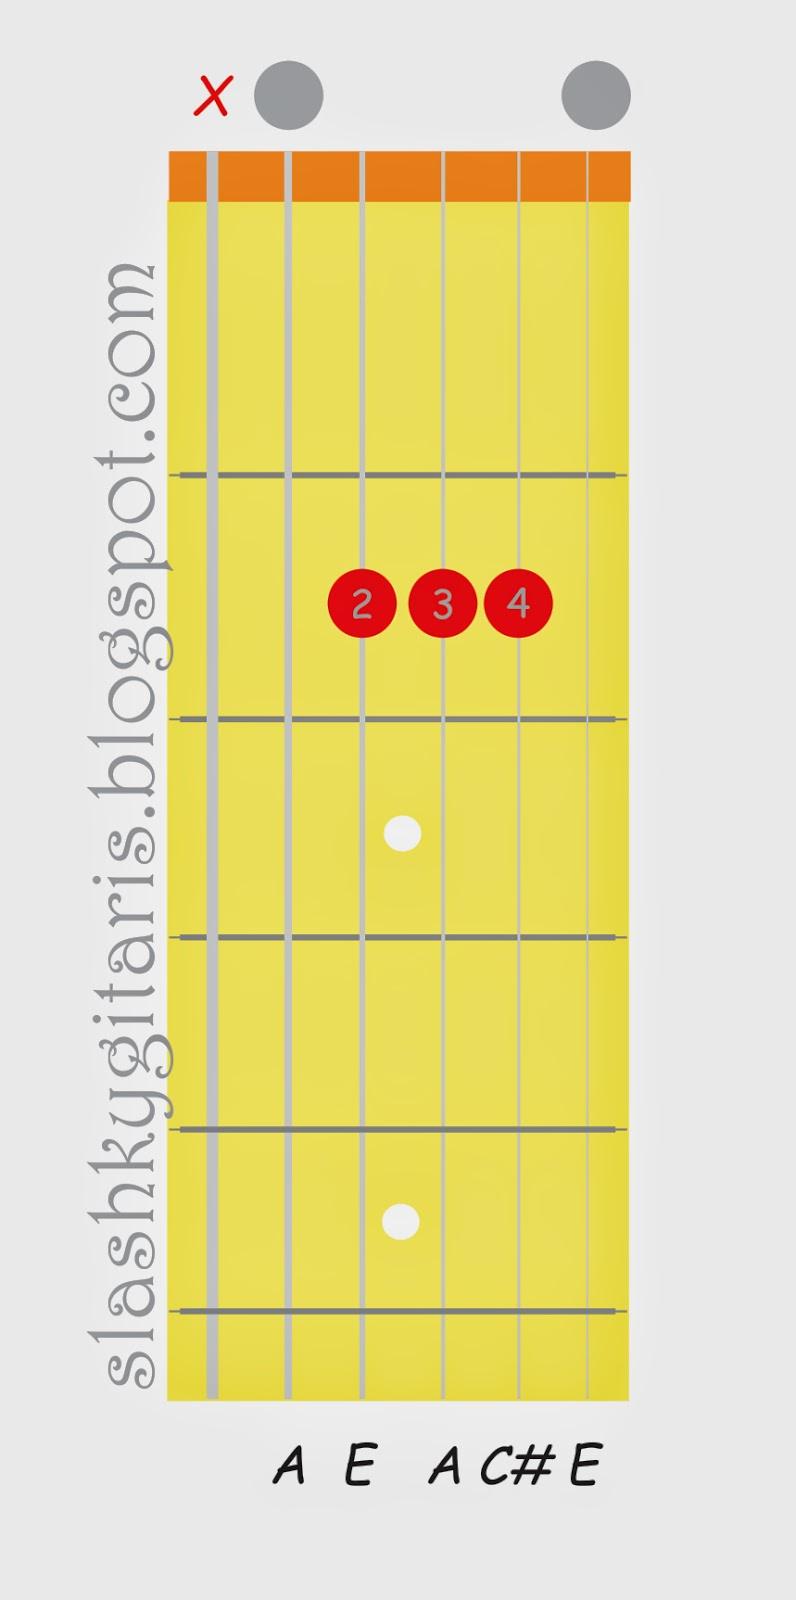 belajar gitar, belajar chord gitar, belajar gitar pemula, chord dasar, chord gitar, chord major, kunci gitar, kunci gitar A mayor,